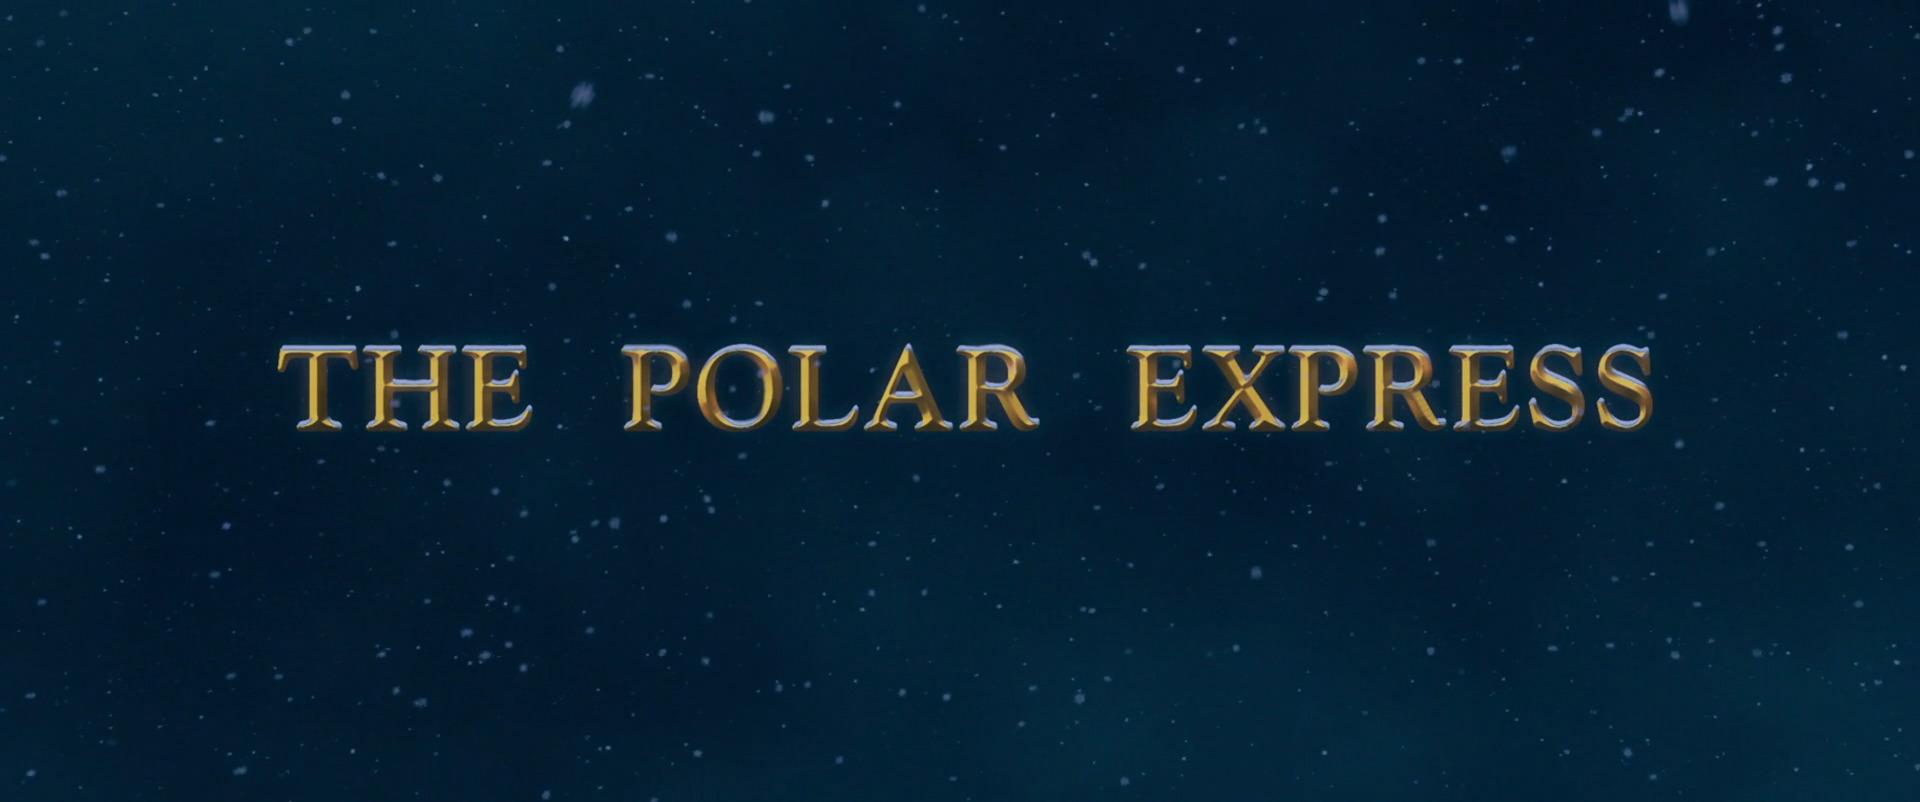 The Polar Express (Expresul polar)